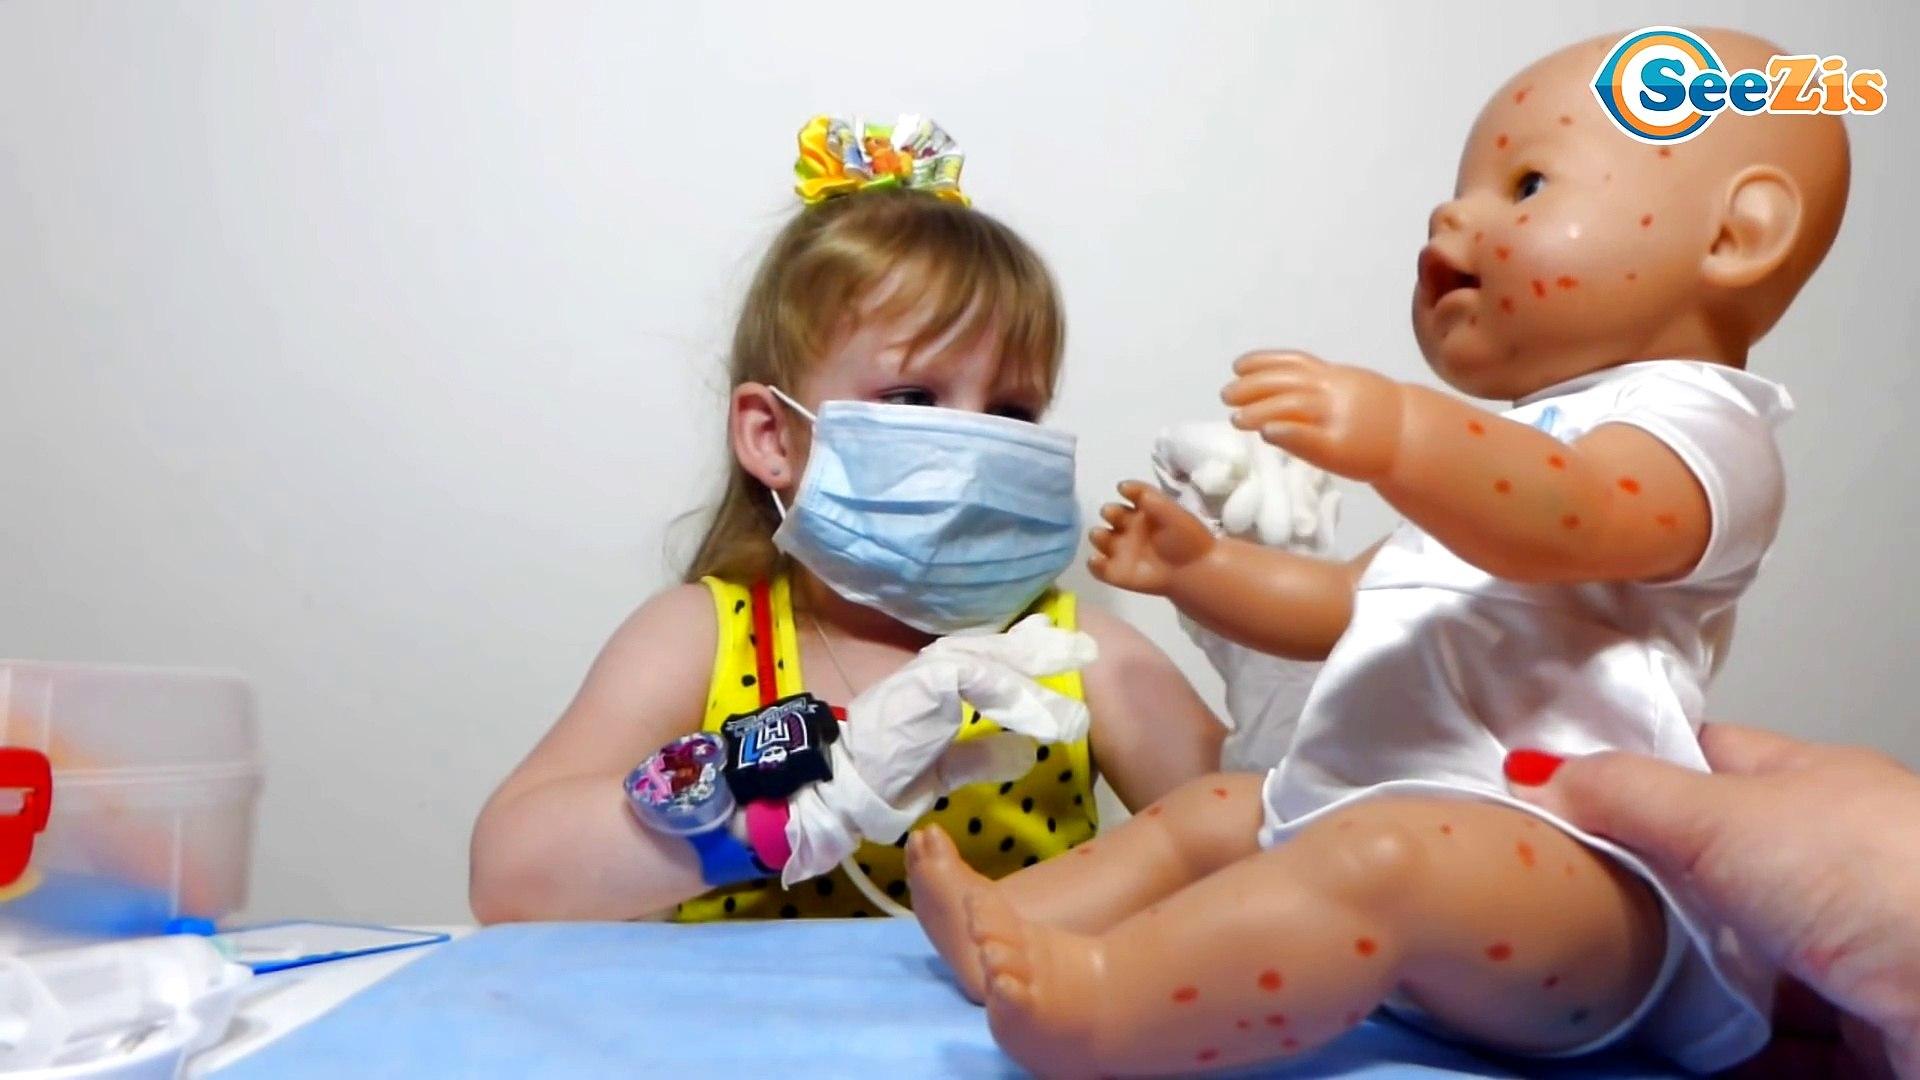 Кукла Беби Борн. ДОКТОР НИКА Лечит Ветрянку. Доктор делает укол Кукле. Видео для детей. Baby Born